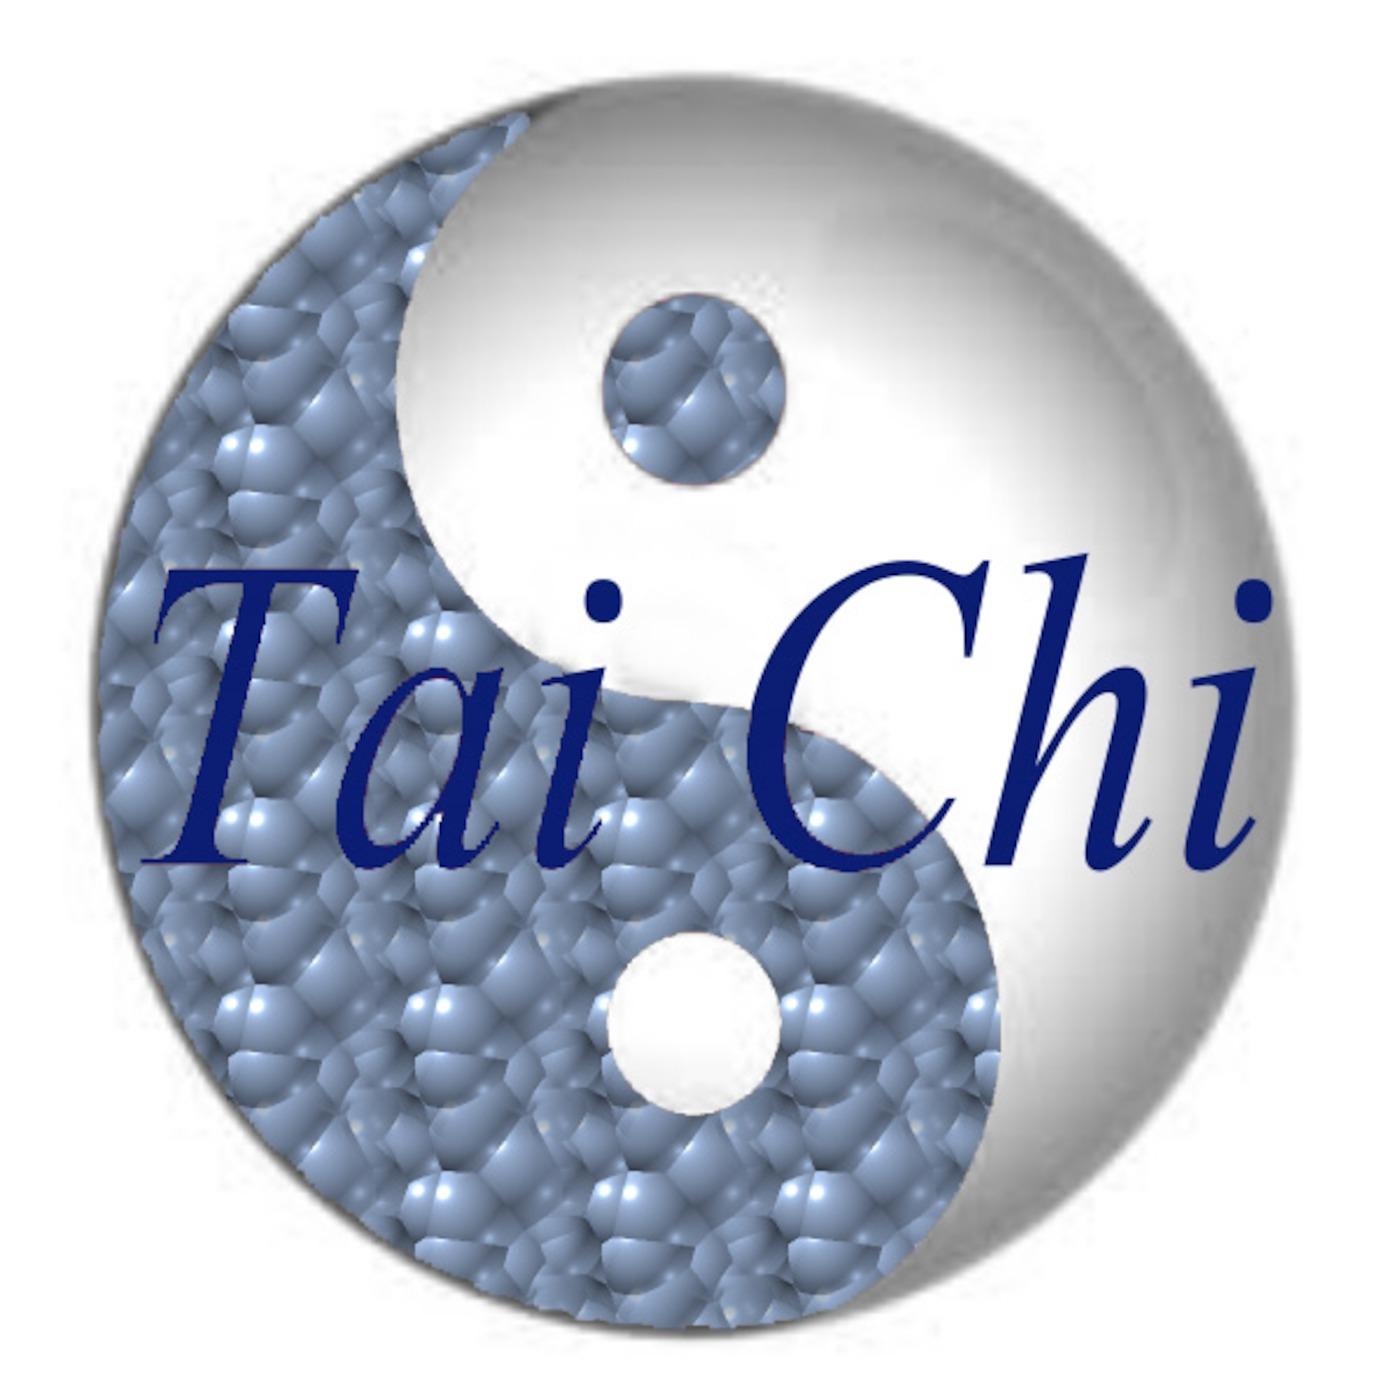 John Vihilidal's Tai Chi